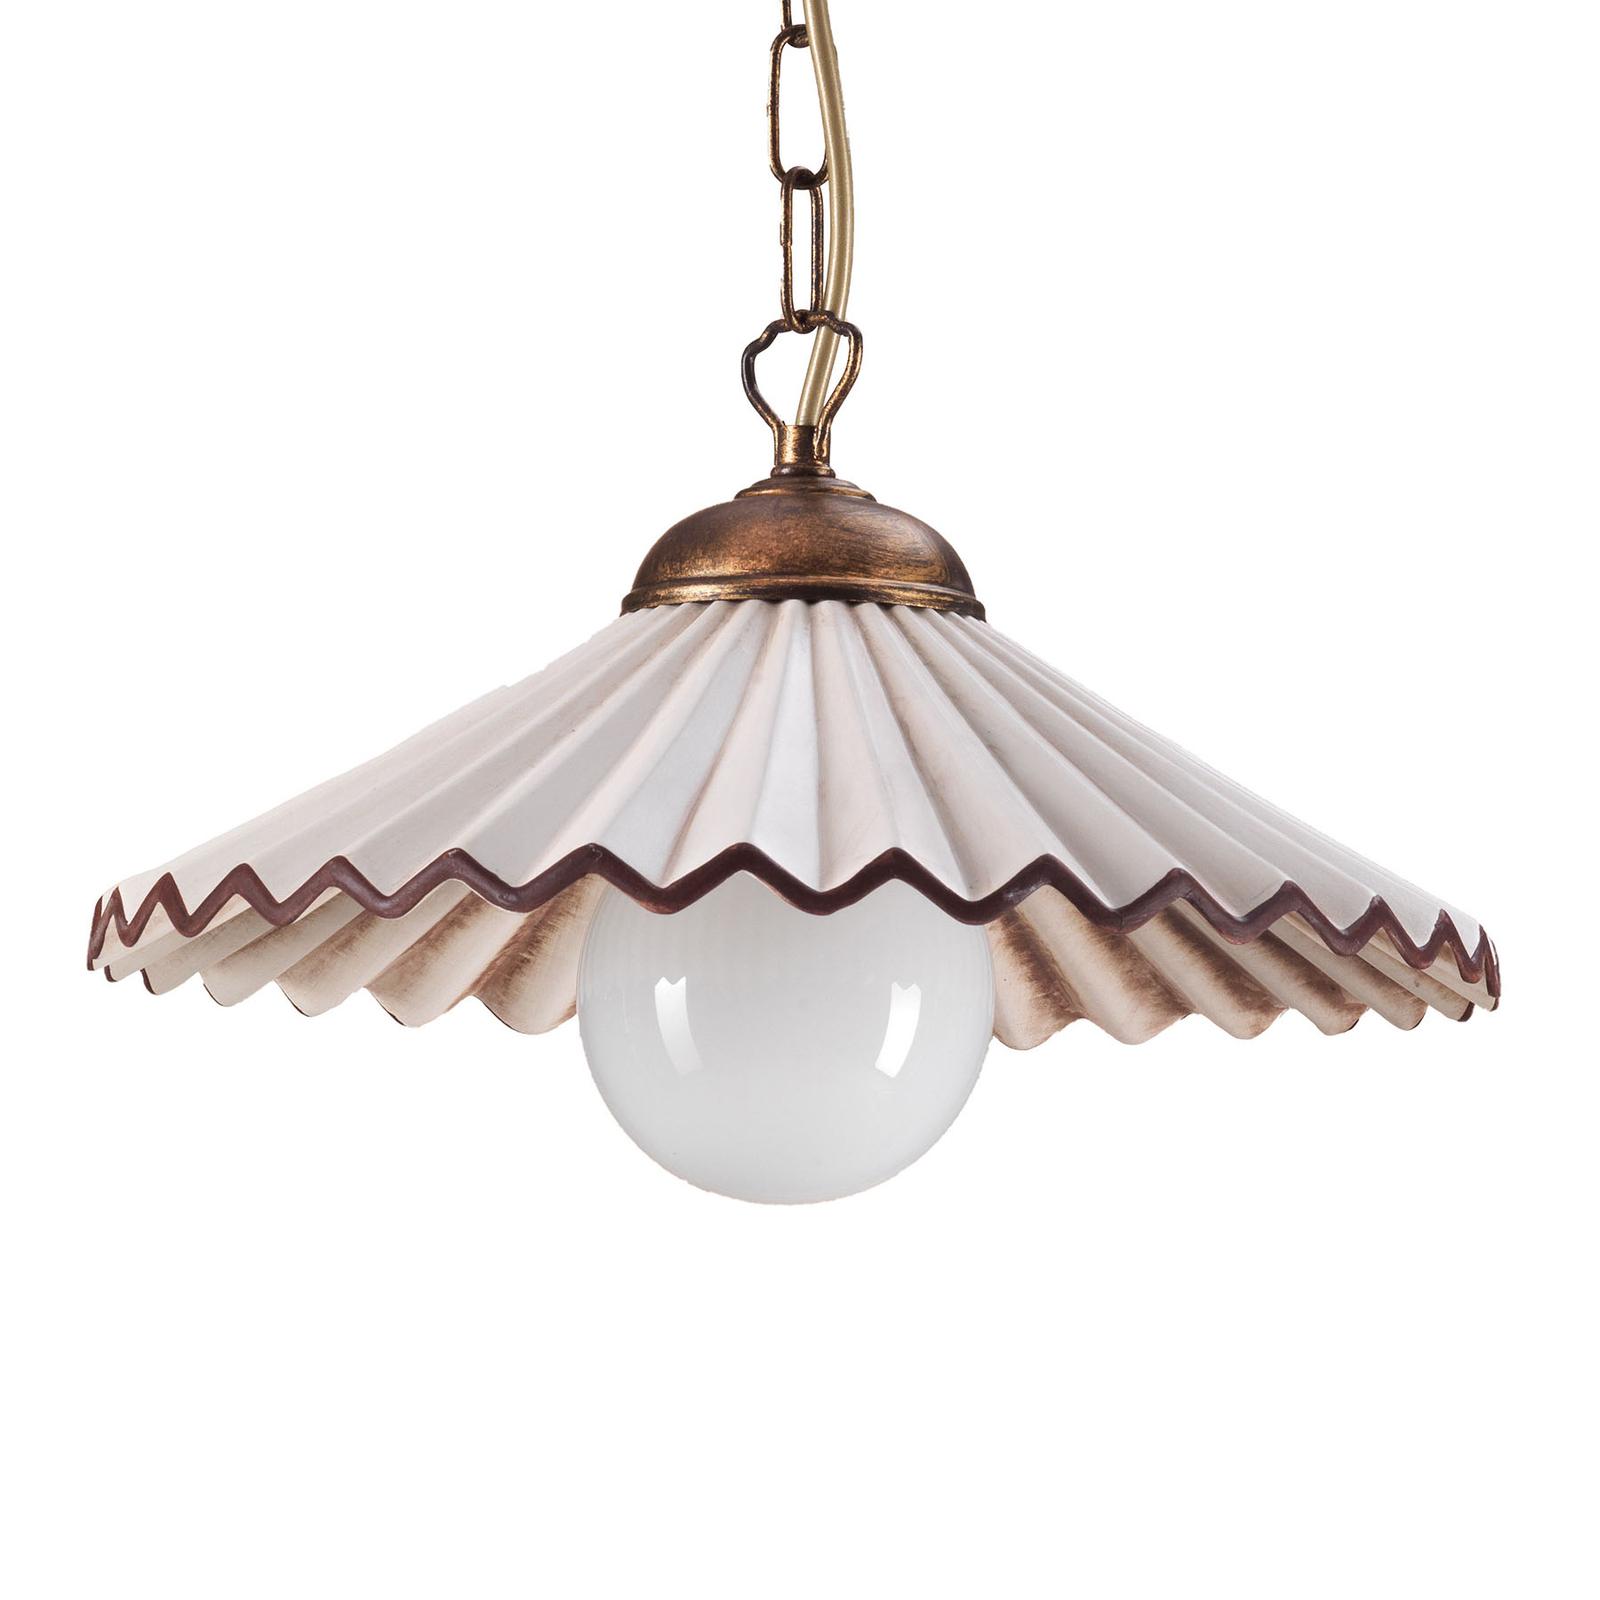 Lampa wisząca Rosina 1-pkt. jasnoróżowa/brązowa